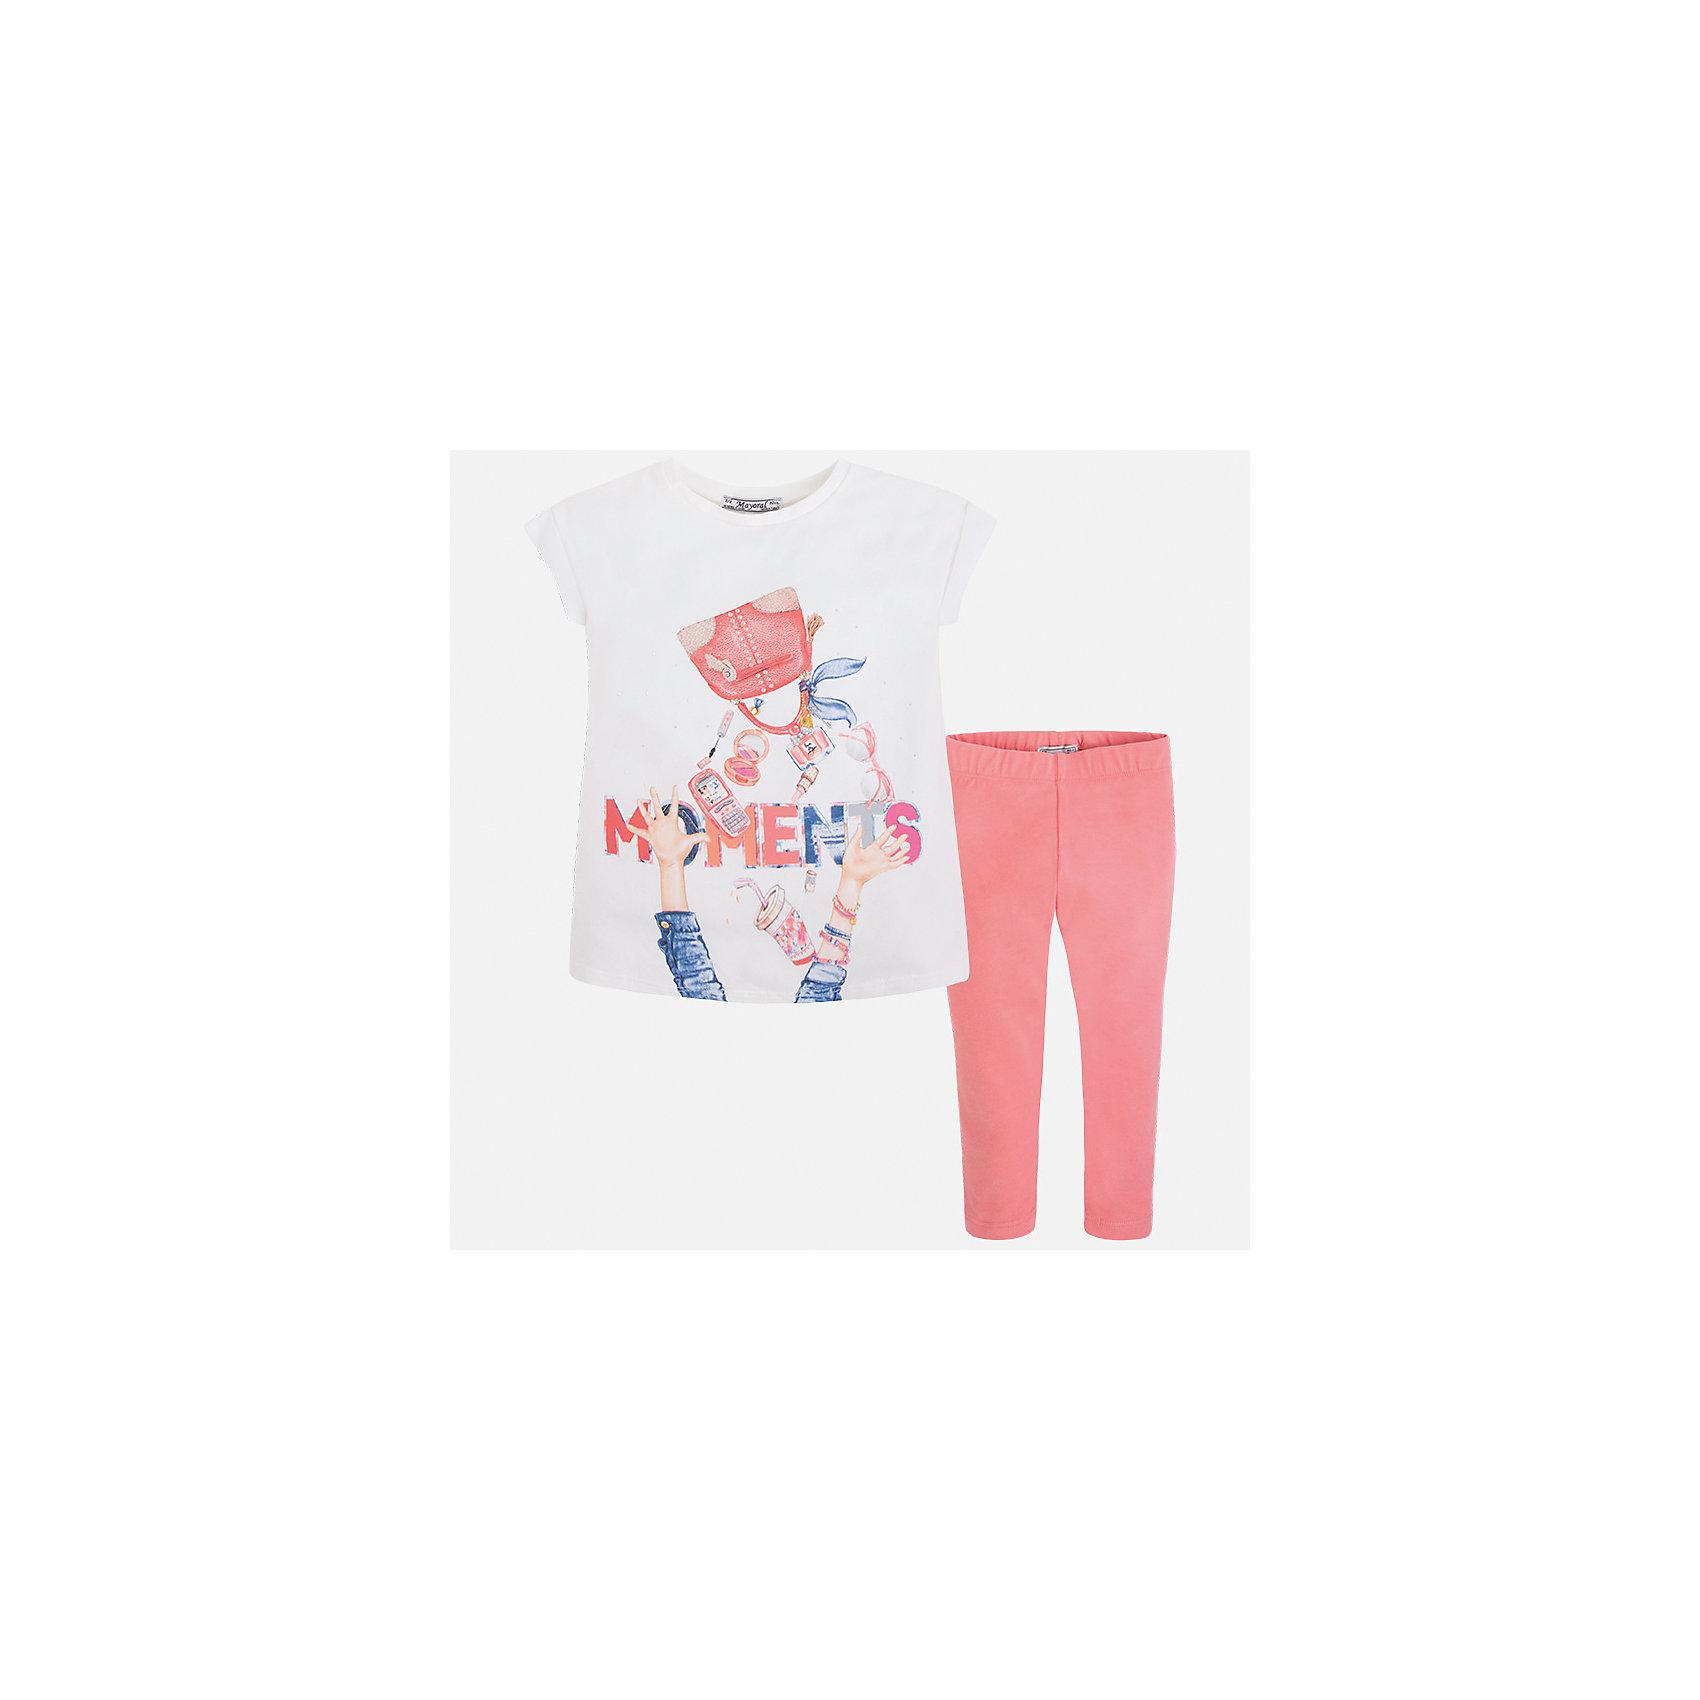 Комплект: блузка и леггинсы для девочки MayoralКомплекты<br>Характеристики товара:<br><br>• цвет: белый/розовый<br>• состав: 95% хлопок, 5% эластан<br>• комплектация: футболка, леггинсы<br>• футболка декорирована принтом <br>• леггинсы однотонные<br>• пояс на резинке<br>• страна бренда: Испания<br><br>Красивый качественный комплект для девочки поможет разнообразить гардероб ребенка и удобно одеться в теплую погоду. Он отлично сочетается с другими предметами. Универсальный цвет позволяет подобрать к вещам верхнюю одежду практически любой расцветки. Интересная отделка модели делает её нарядной и оригинальной. В составе материала - натуральный хлопок, гипоаллергенный, приятный на ощупь, дышащий.<br><br>Одежда, обувь и аксессуары от испанского бренда Mayoral полюбились детям и взрослым по всему миру. Модели этой марки - стильные и удобные. Для их производства используются только безопасные, качественные материалы и фурнитура. Порадуйте ребенка модными и красивыми вещами от Mayoral! <br><br>Комплект для девочки от испанского бренда Mayoral (Майорал) можно купить в нашем интернет-магазине.<br><br>Ширина мм: 123<br>Глубина мм: 10<br>Высота мм: 149<br>Вес г: 209<br>Цвет: розовый<br>Возраст от месяцев: 96<br>Возраст до месяцев: 108<br>Пол: Женский<br>Возраст: Детский<br>Размер: 134,92,98,104,110,116,122,128<br>SKU: 5300497